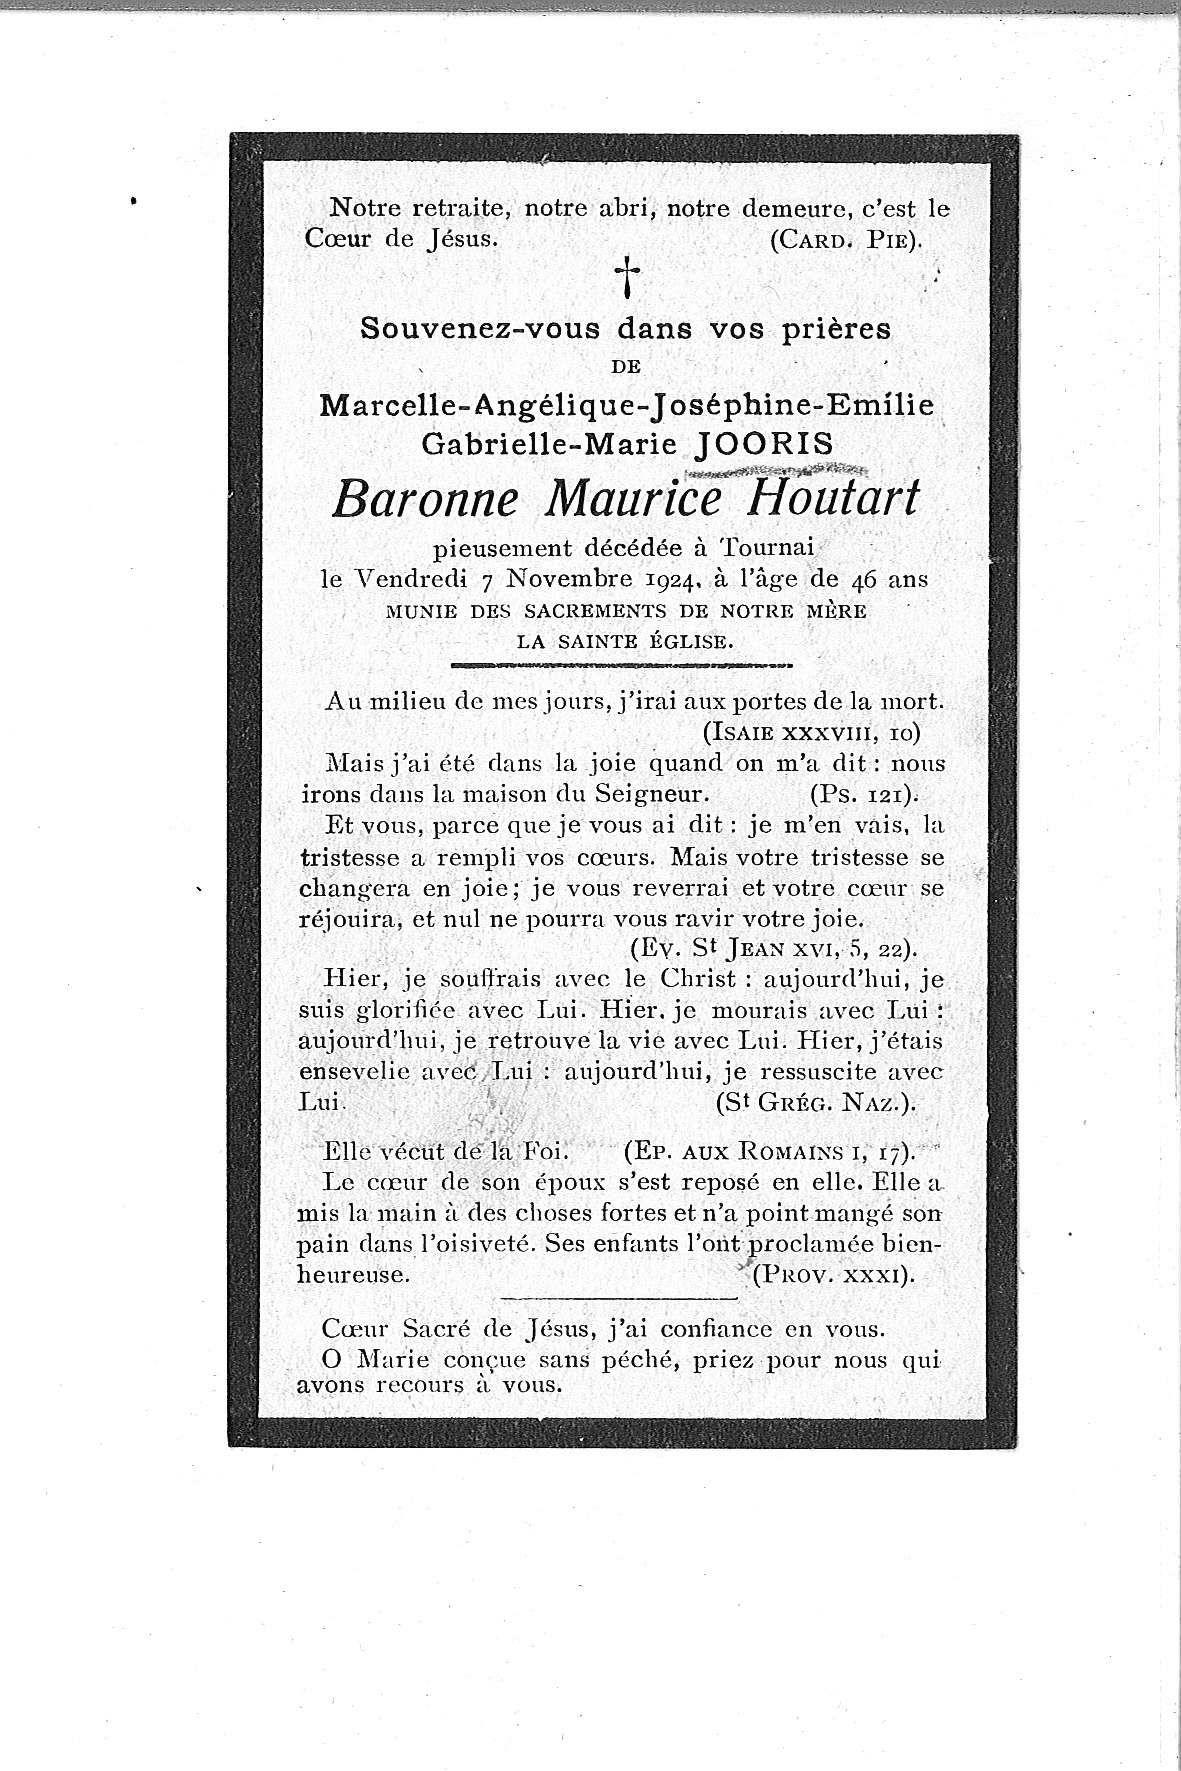 Marcelle-Angéligue-Joséphine-Emilie-Gabrielle-Marie(1924)20120614133511_00076.jpg